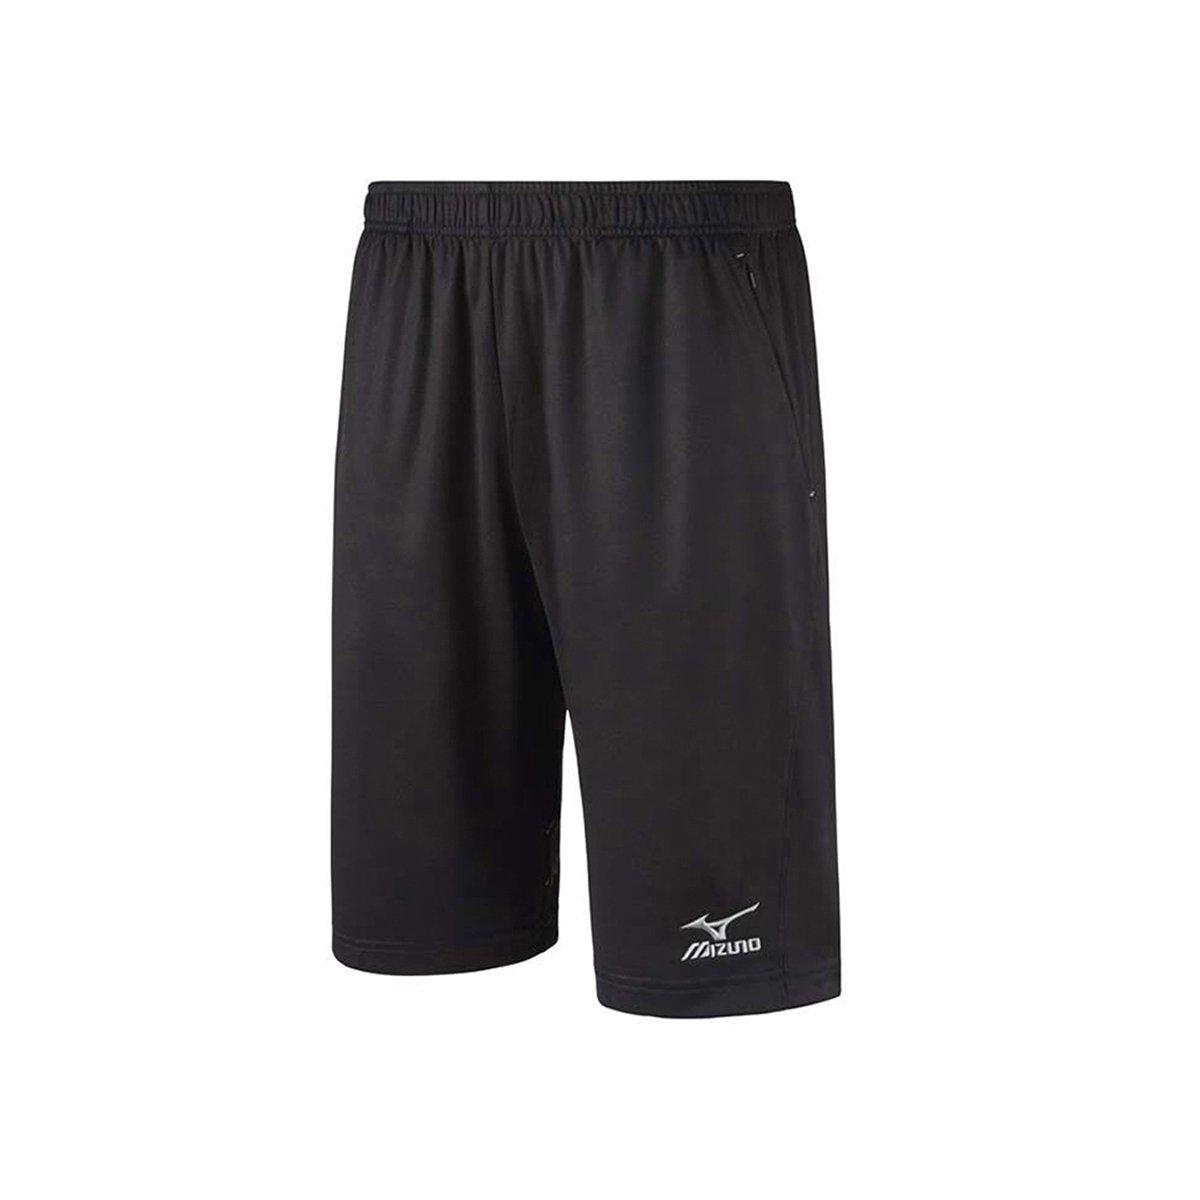 Mizuno Drylite Shorts K2GB5B3509